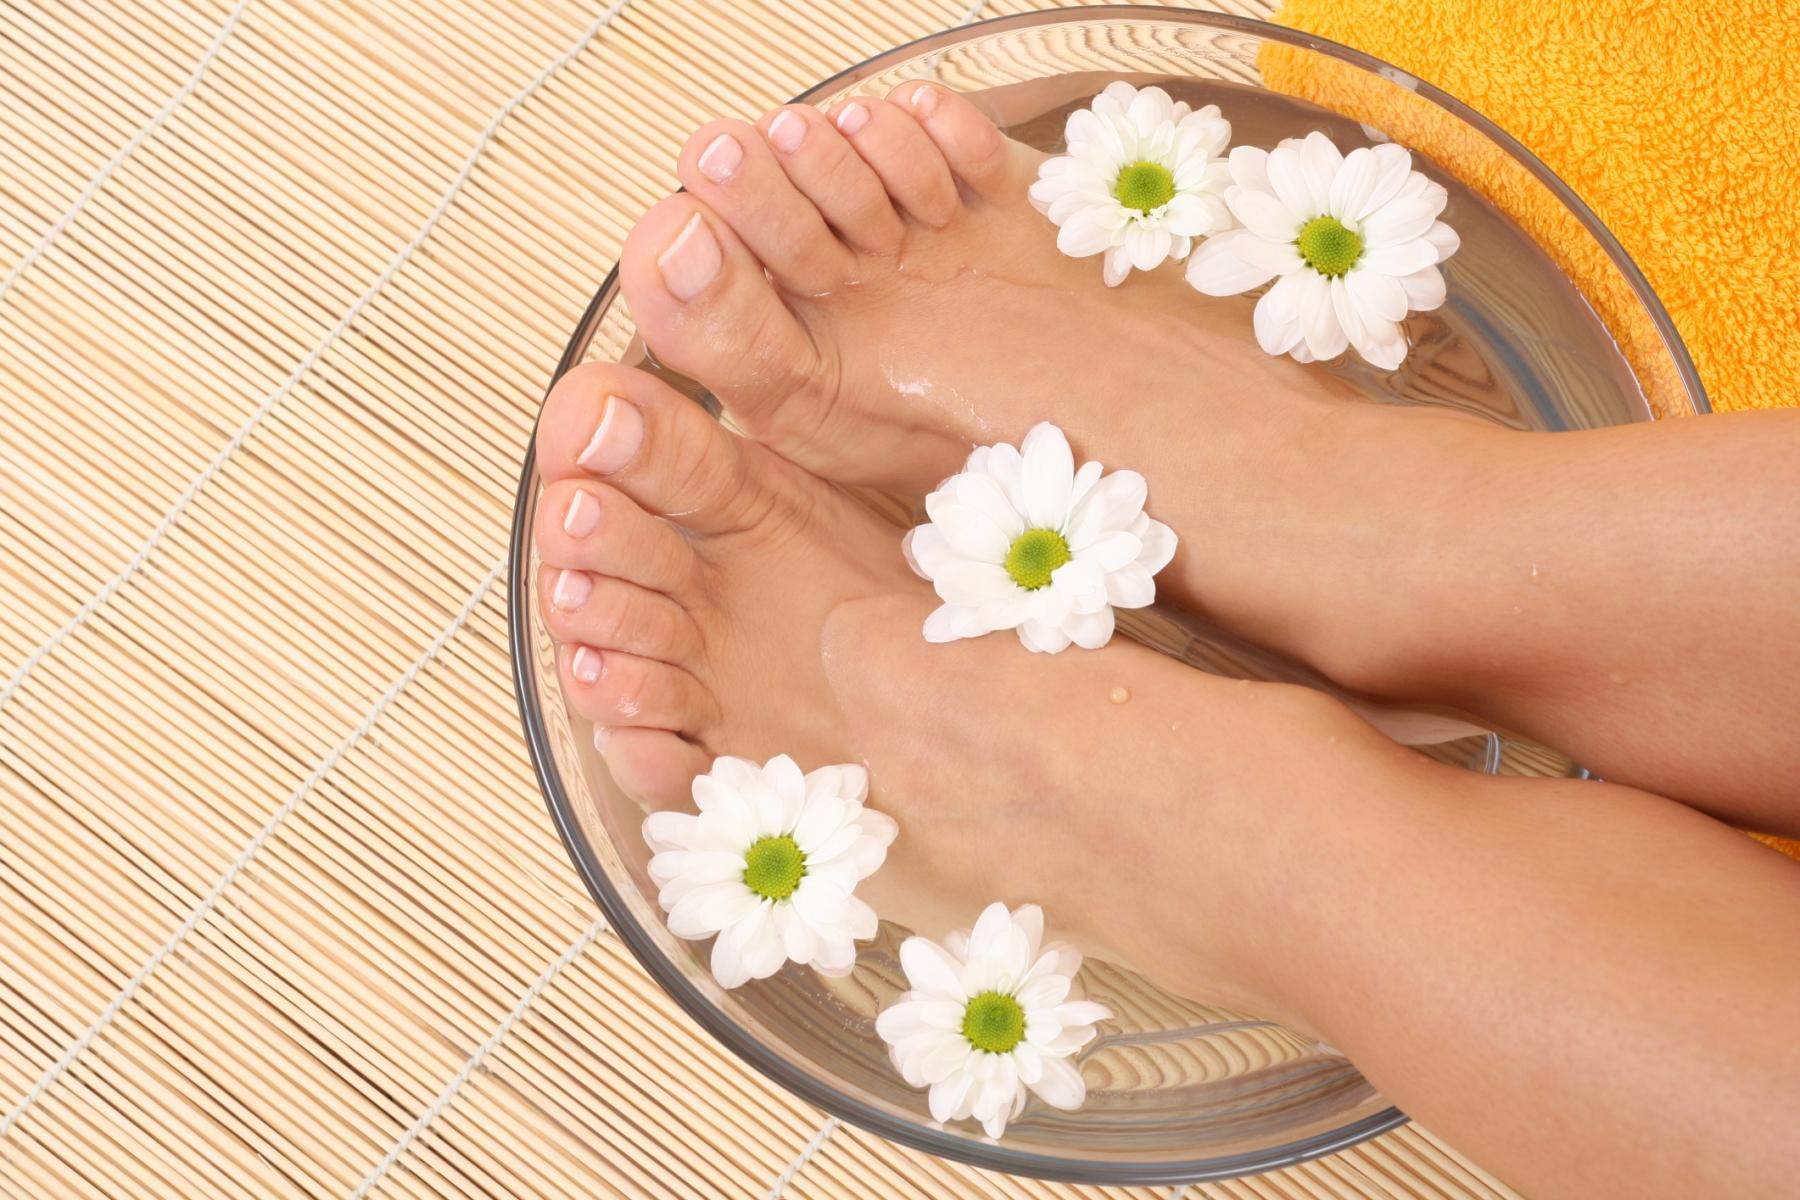 Com tenir cura dels peus?